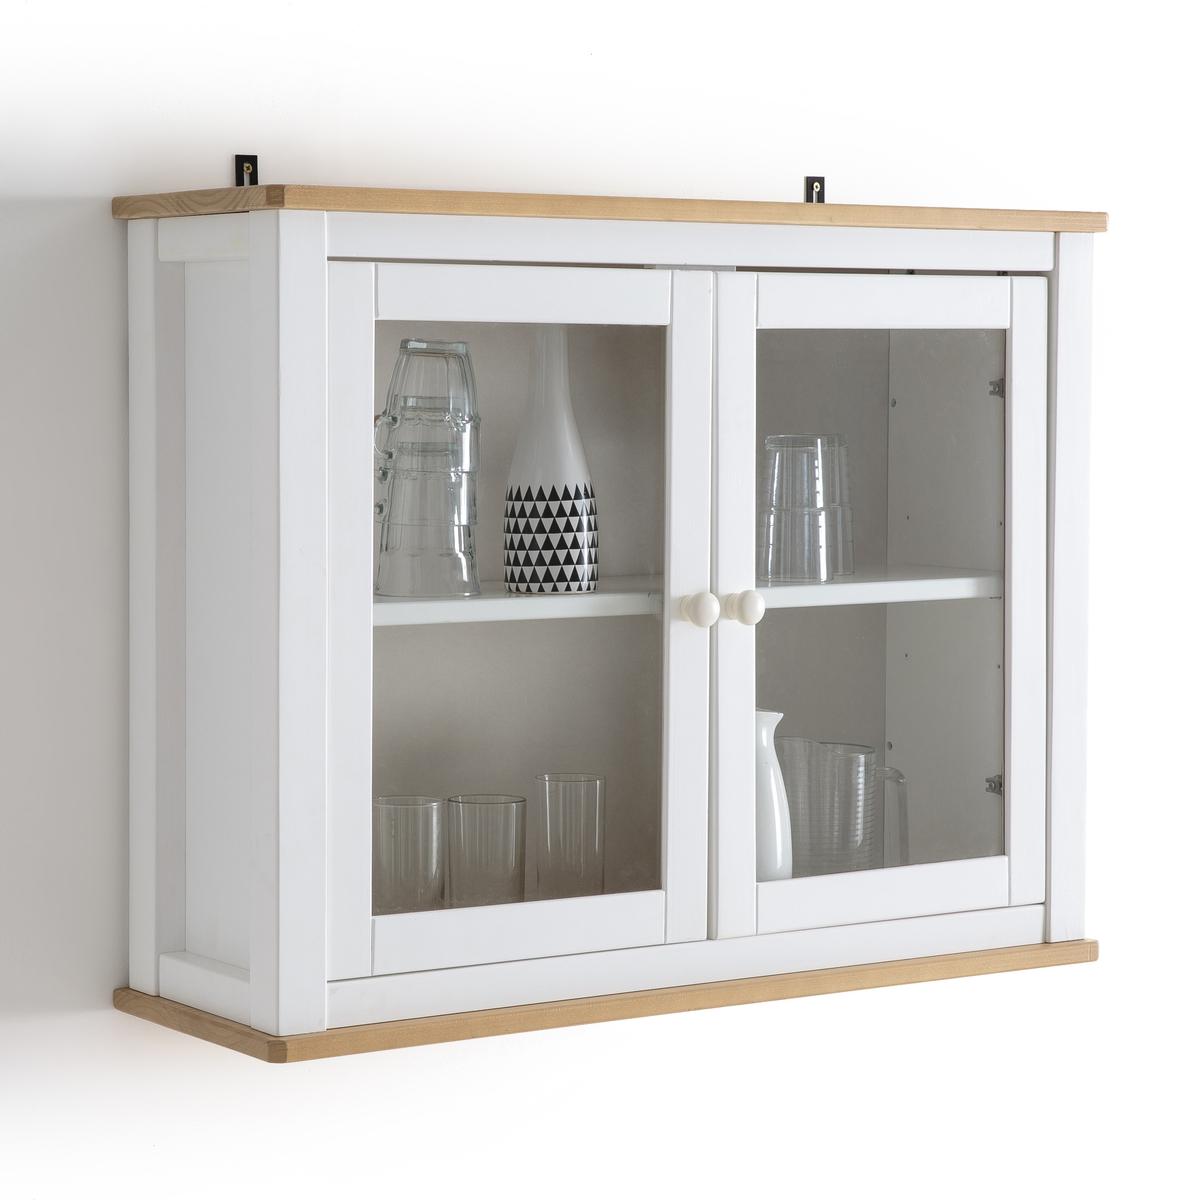 Полка-витрина из массива сосны, ALVINAВитрина Alvina : полка-витрина Alvina идеальна для хранения специй, бокалов, посуды или безделушек. Она легко найдет свое место на кухне и защитит содержимое от пыли, не скрывая его.Описание полки-витрины Alvina :1 регулируемая внутренняя планка с 3 положениями Характеристики полки-витрины Alvina :Верх и низ из массива сосны с легкой крацованной отделкой, цвет дуба, покрытие акриловым лаком . Основа и полка из массива сосны с покрытием белой краской и акриловой отделкой. Дверки из закаленного стекла.Упаковка и укрепления из картона, годного для повторной переработки, без использования пенопласта.Размеры полки-витрины Alvina :Ширина : 84 смВысота : 66 смГлубина : 27 смВнутренние. размеры ниши   : Ш. 74 x В. 58 x Г. 25 смРазмер и вес с упаковкой :1 упаковкаШ.94,6 x В.22,8 x Г.44,2 см20 кгДоставка :Полка-витрина Alvina поставляется в разобранном виде. Возможна доставка до квартиры по предварительному согласованию   !Внимание ! Убедитесь, что посылку возможно доставить на дом, учитывая ее габариты.<br><br>Цвет: белый